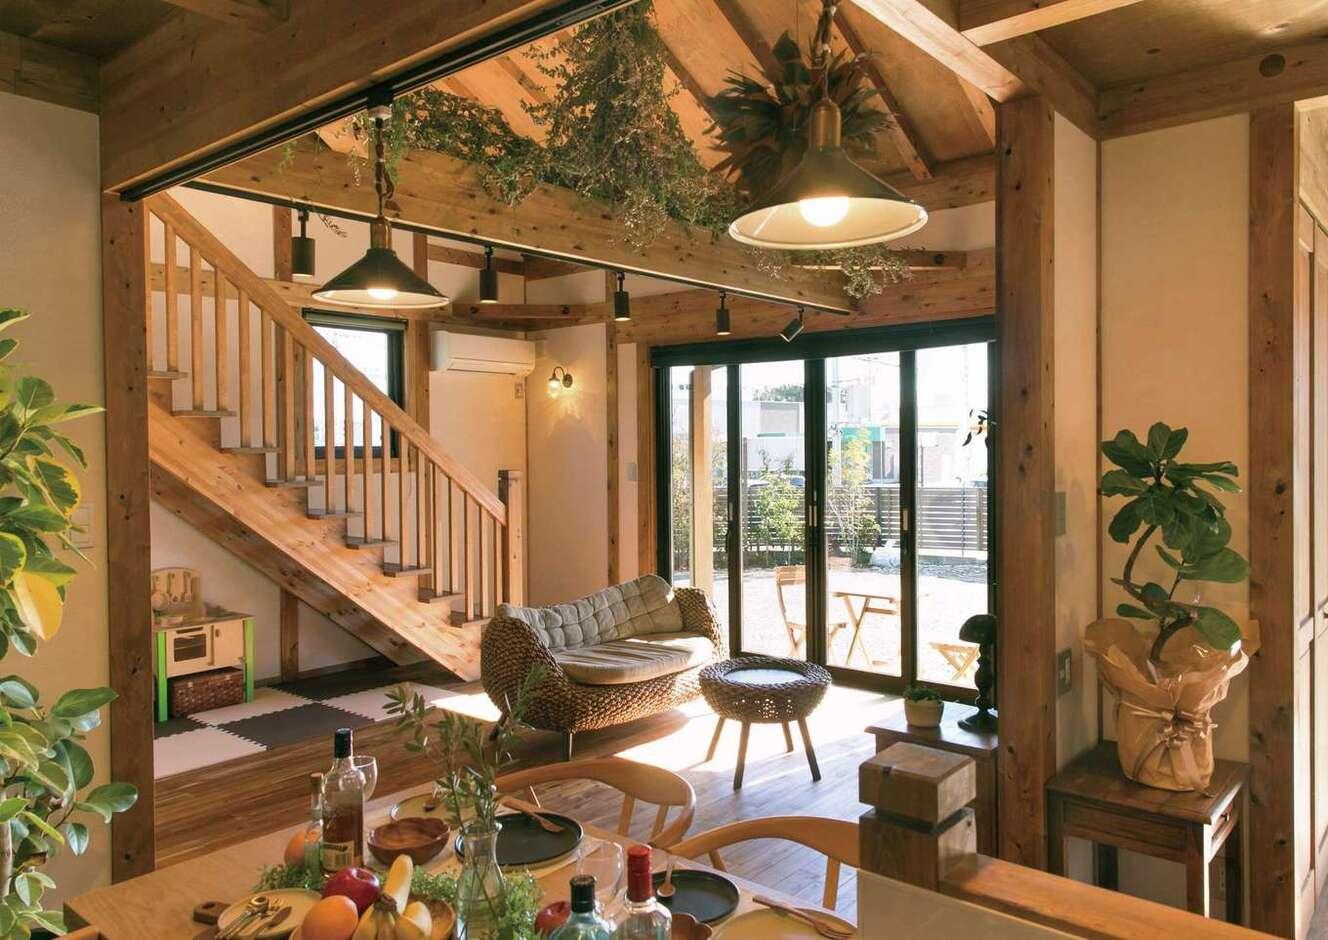 サイエンスホーム甲府店・笛吹店【1000万円台、デザイン住宅、自然素材】つながりを持たせつつ、緩やかにエリア分けされたLDK。奥さまがディスプレイしたグリーンと雑貨がひのきの空間をやさしく彩る。柱、梁、床、建具もすべて国産ひのき